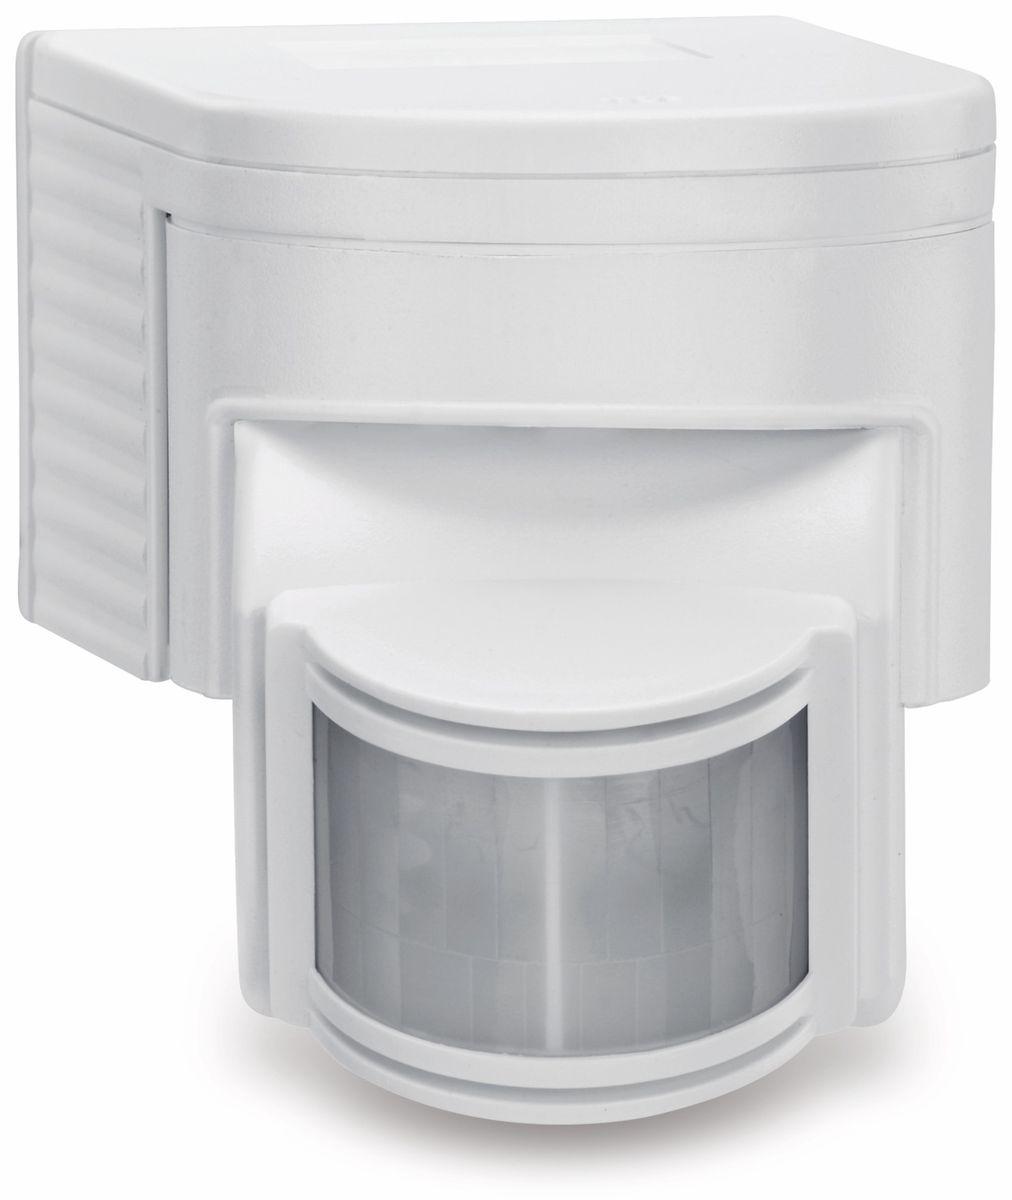 Bewegungsmelder SONERO X-IMS030, 180°, IP44, weiß